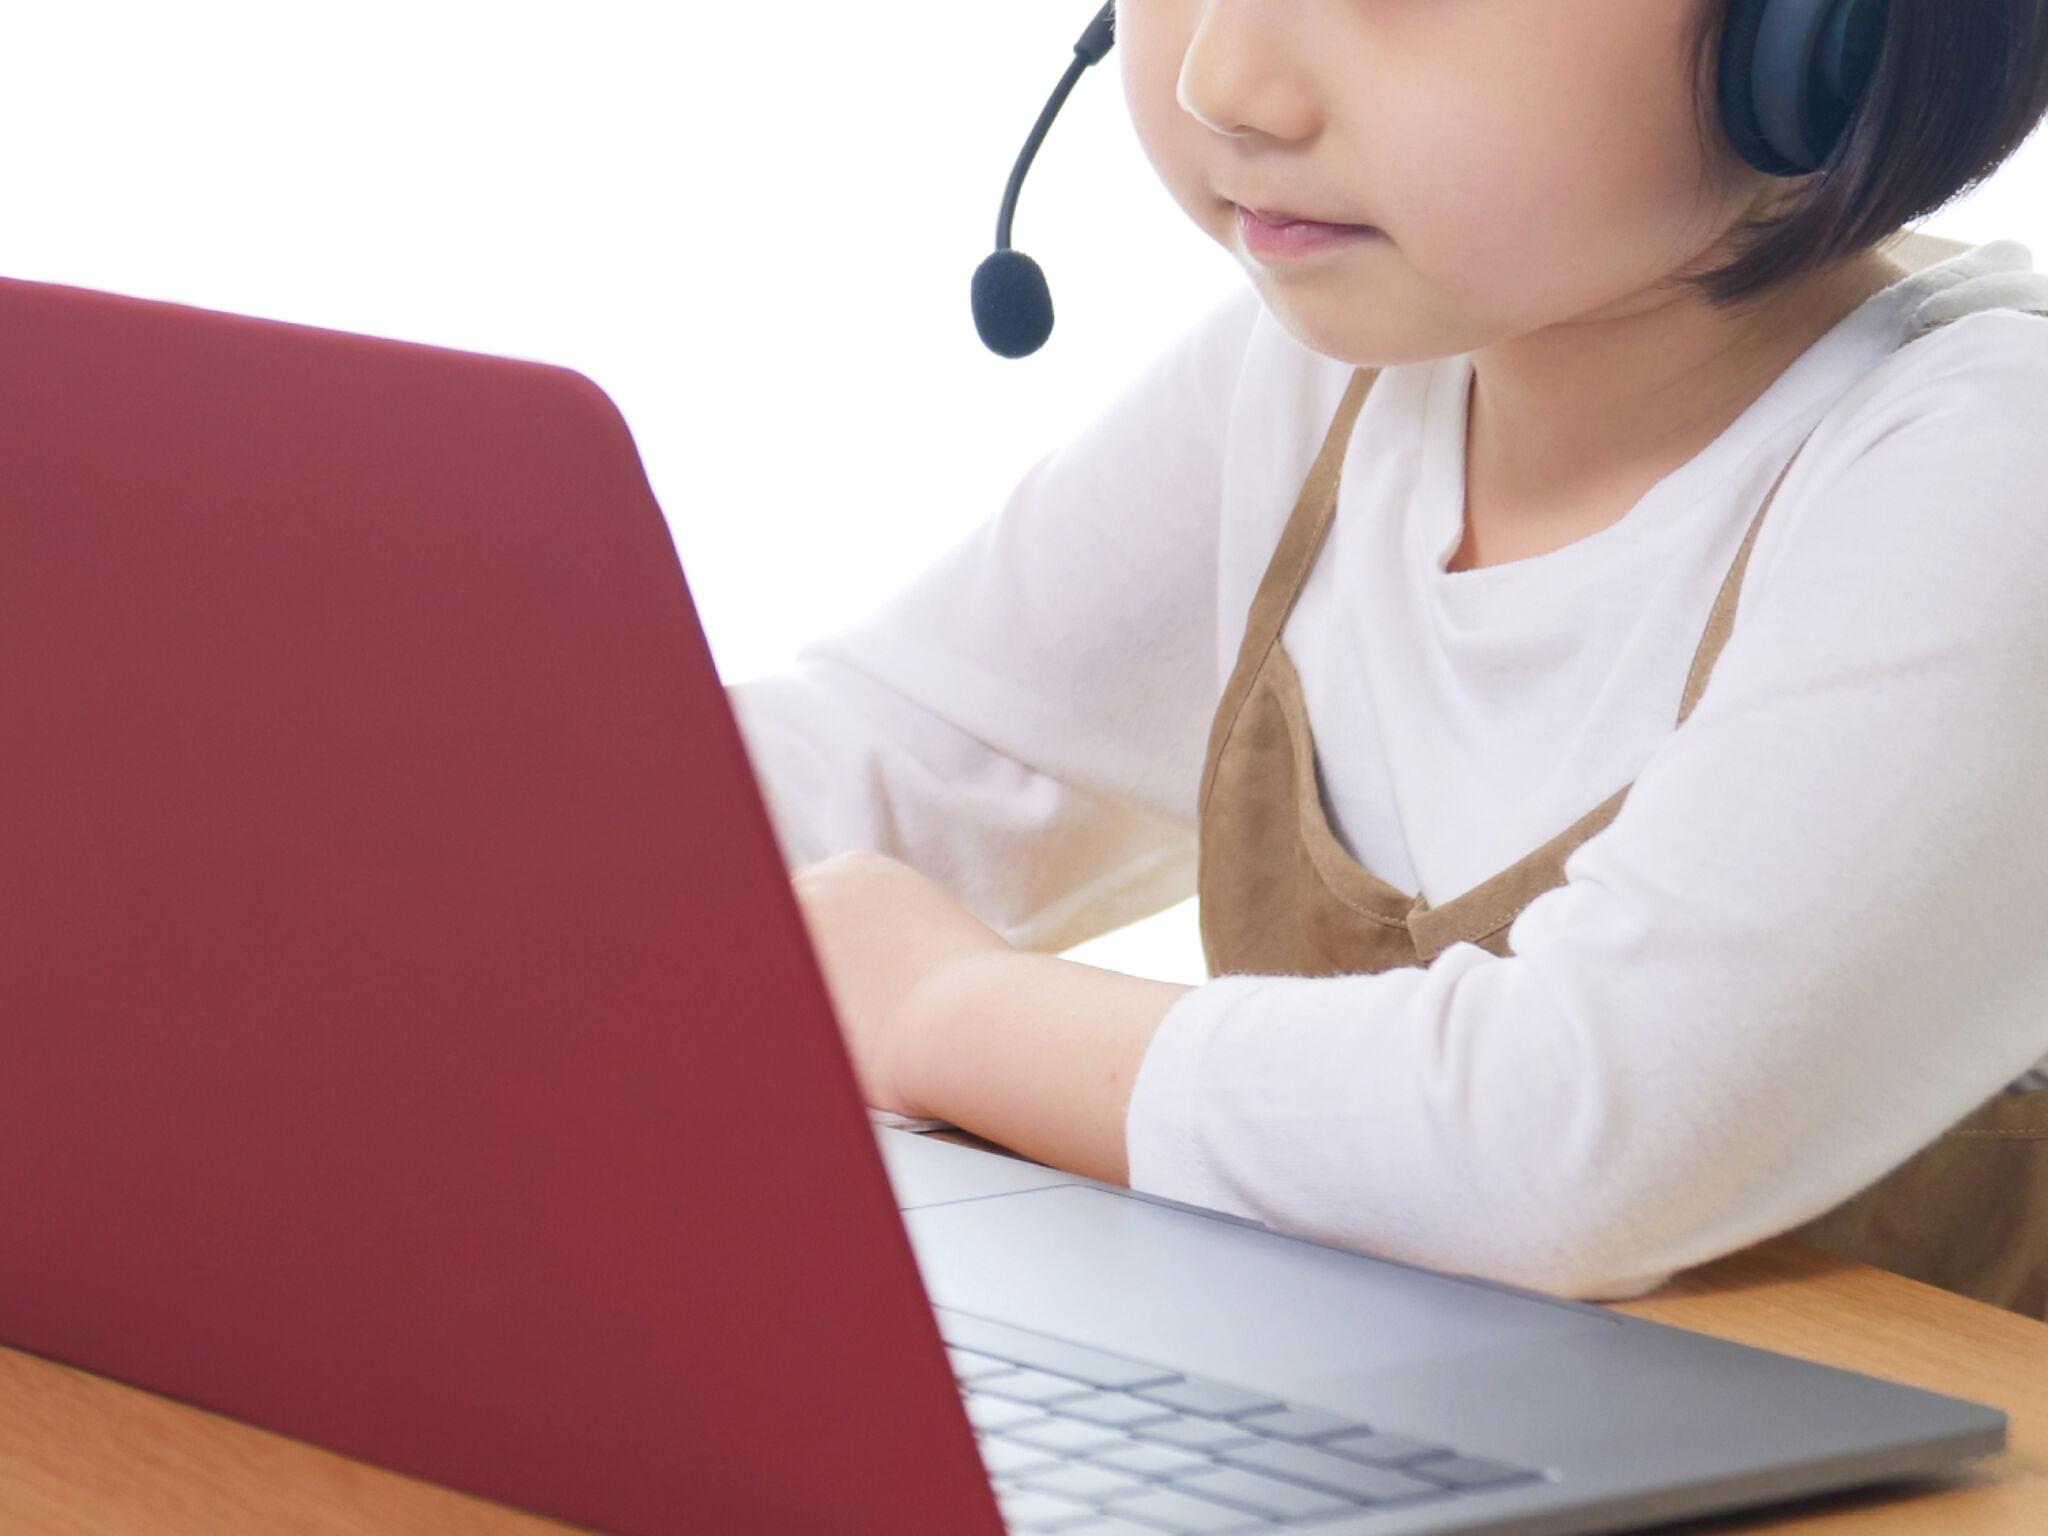 オンラインで授業を受けている女の子の画像